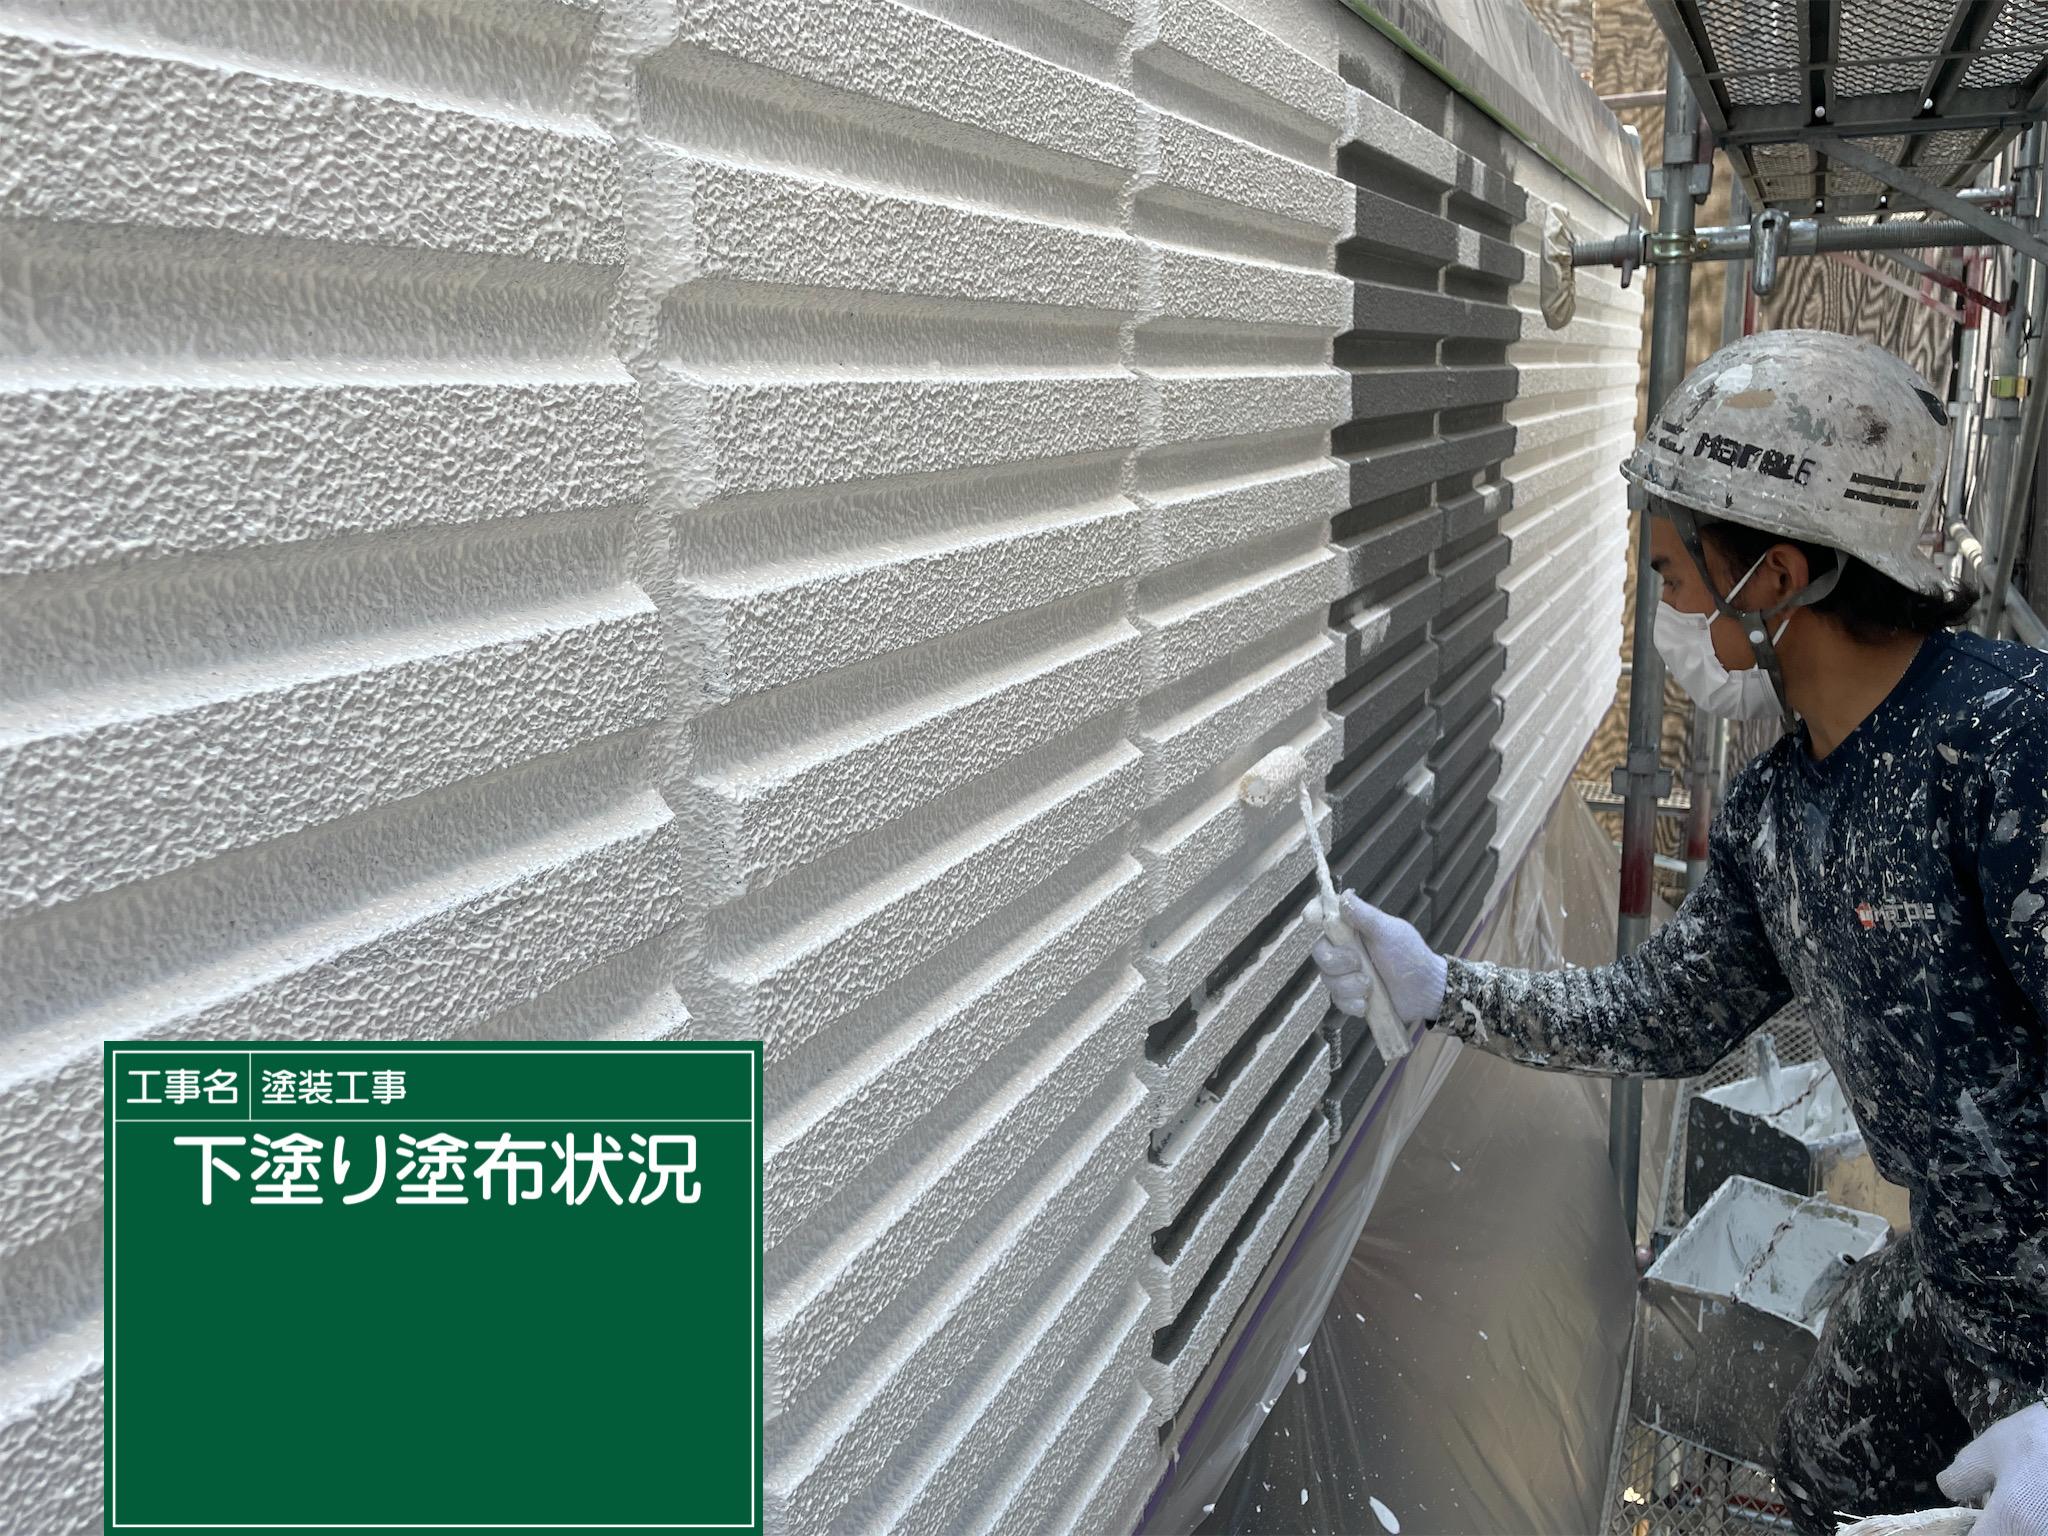 今日の下塗りはマスチック!【外壁塗装 越谷 埼玉】